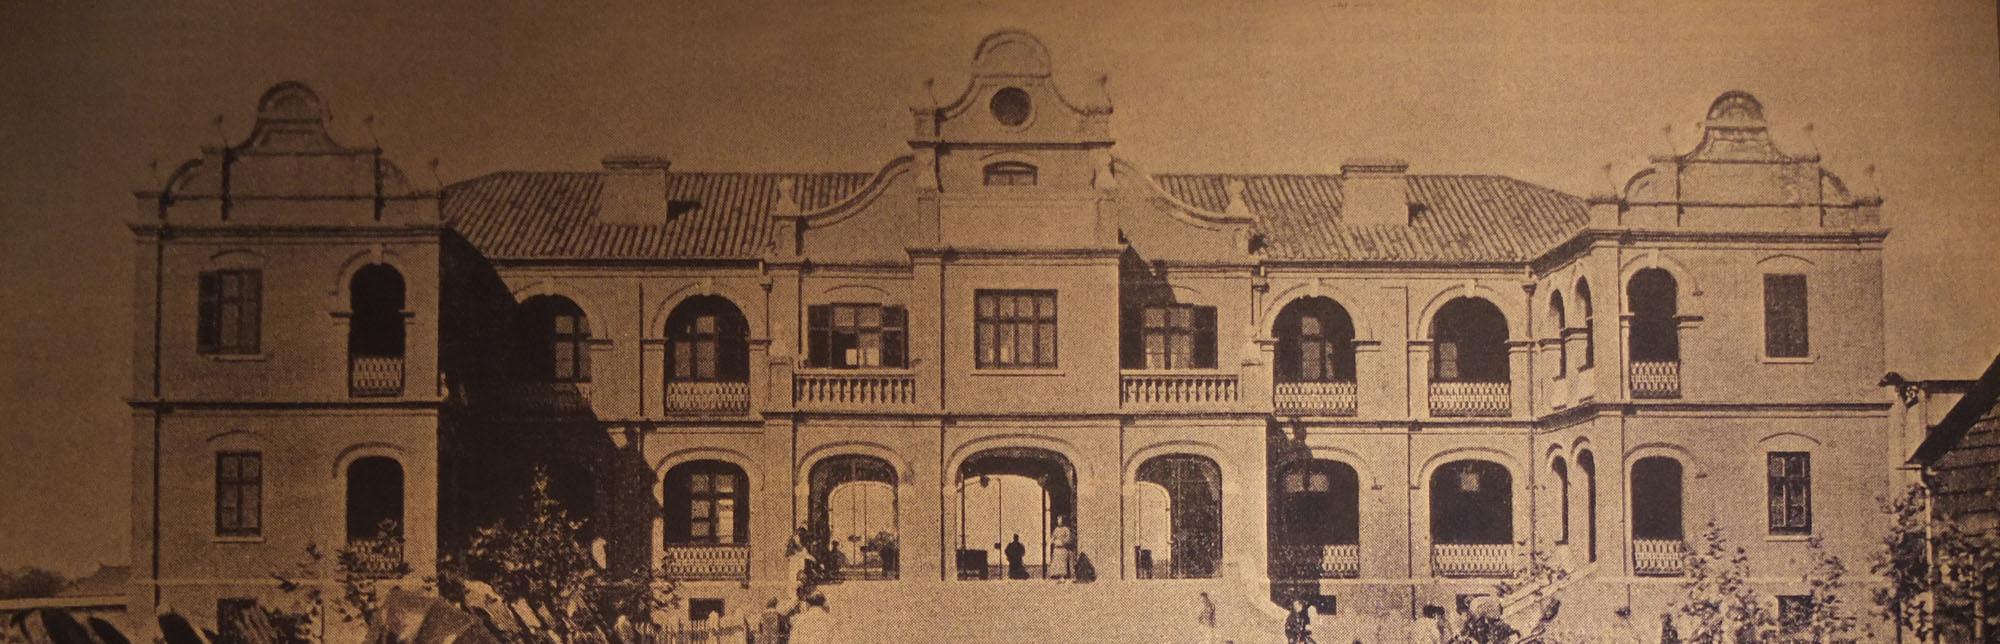 建成于1912年的沪杭铁路上海站,1916年12月后改称上海南站,1937年8月毁于侵华日军战火(位于黄浦区车站路中山南路与瞿溪路之间.JPG